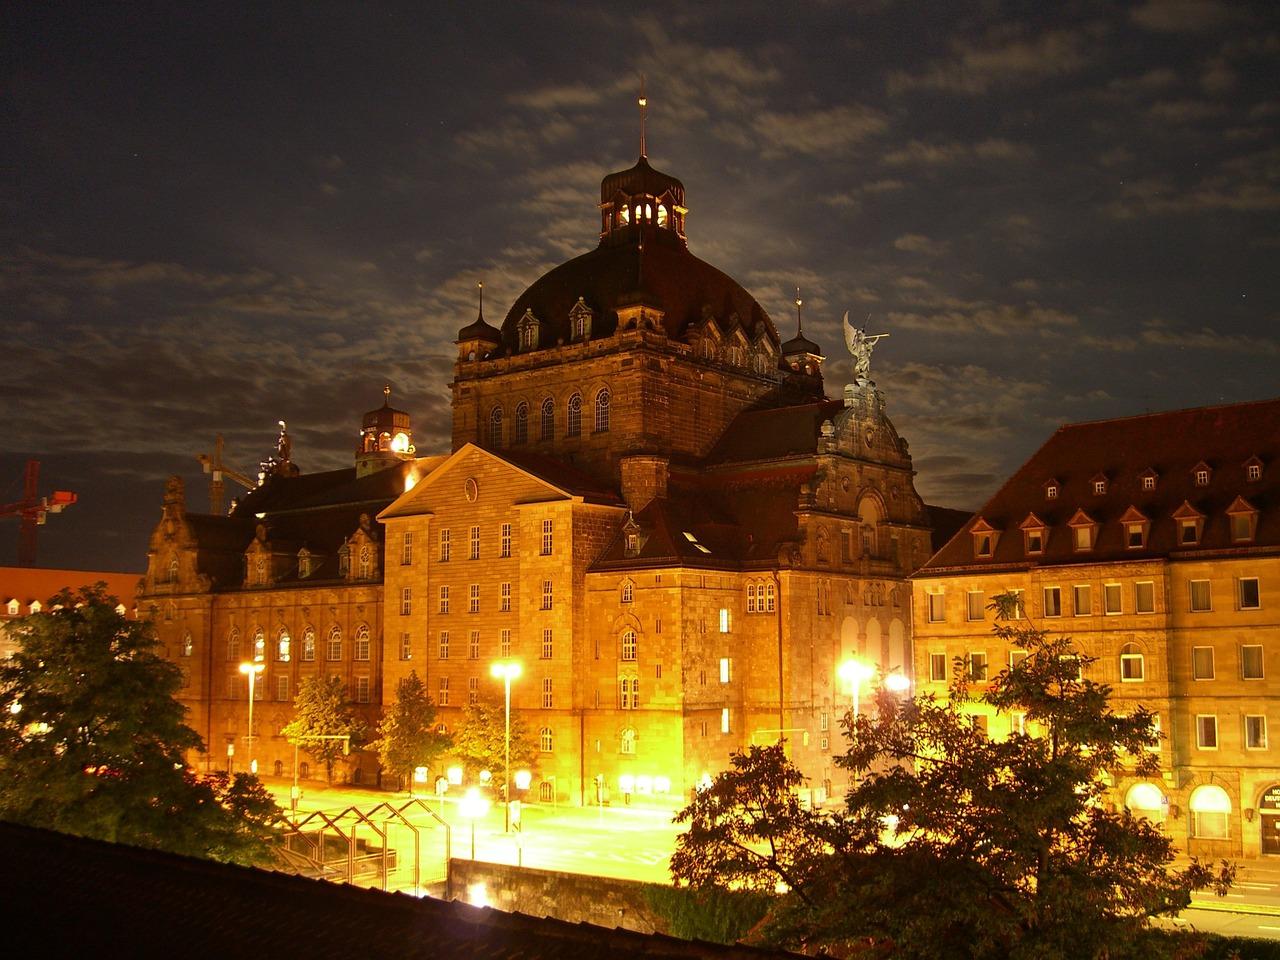 Nürnberg: Ένα ταξίδι στο ... παραμύθι!